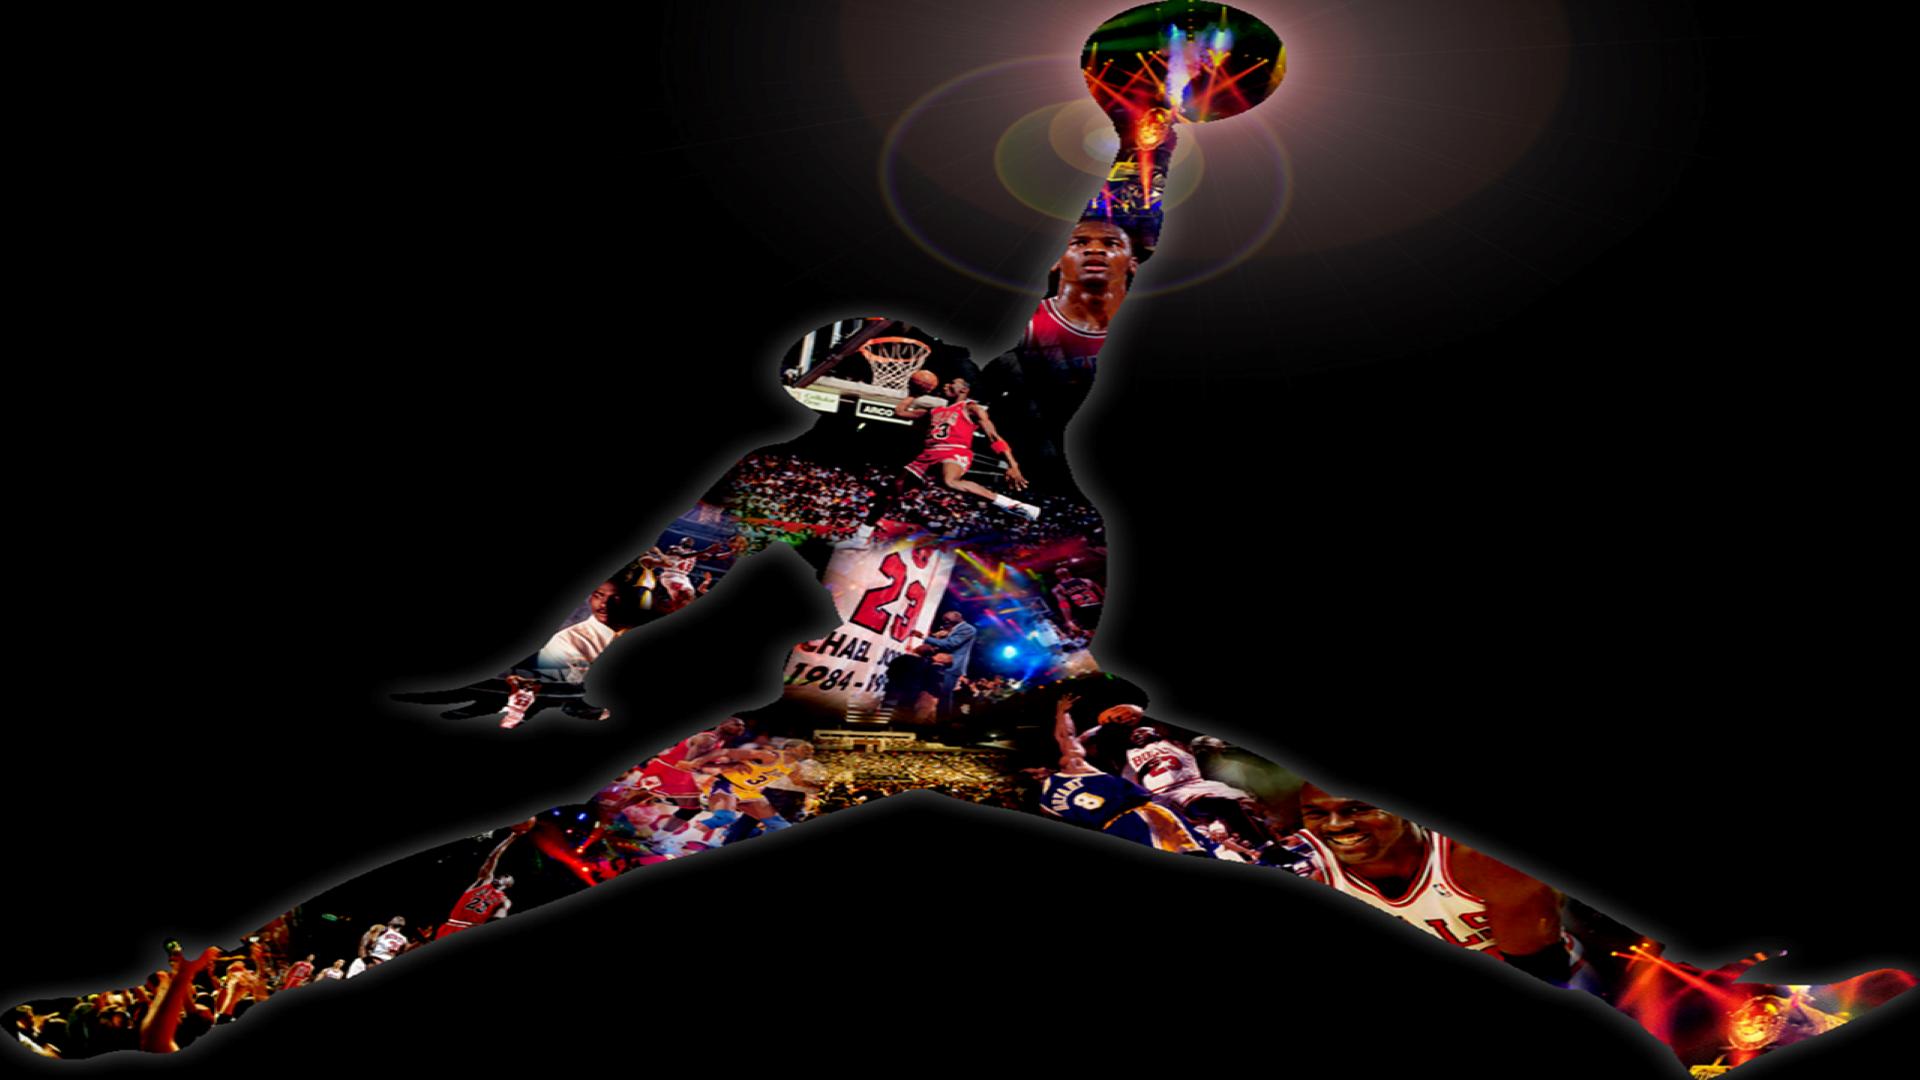 Michael Jordan Chicago Bulls Wallpapers Wallpaper 1024×576